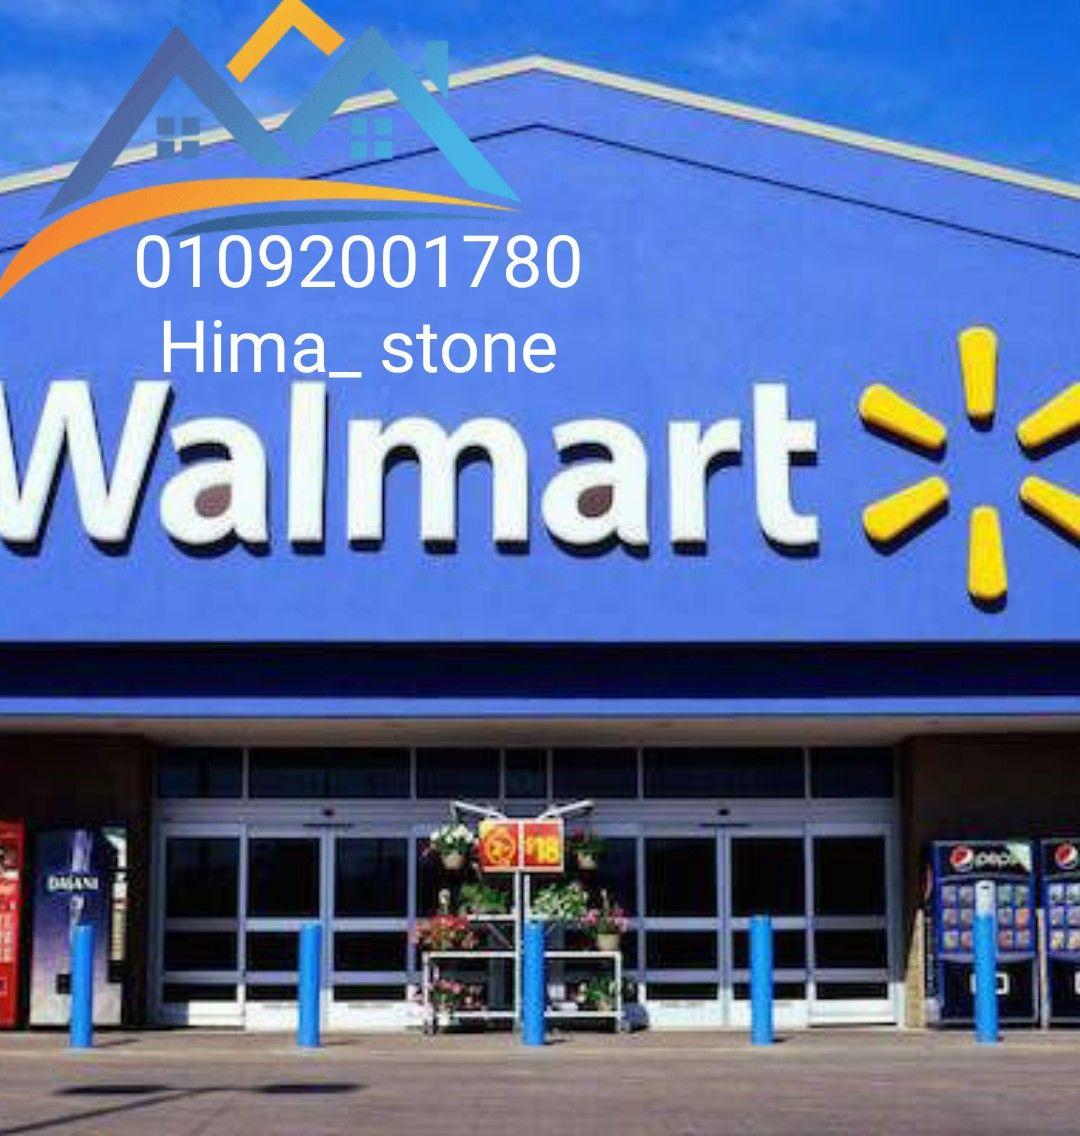 تركيب واجهات كلادينج محلات 01092001780 Walmart Walmart Gift Cards Best Online Shopping Websites